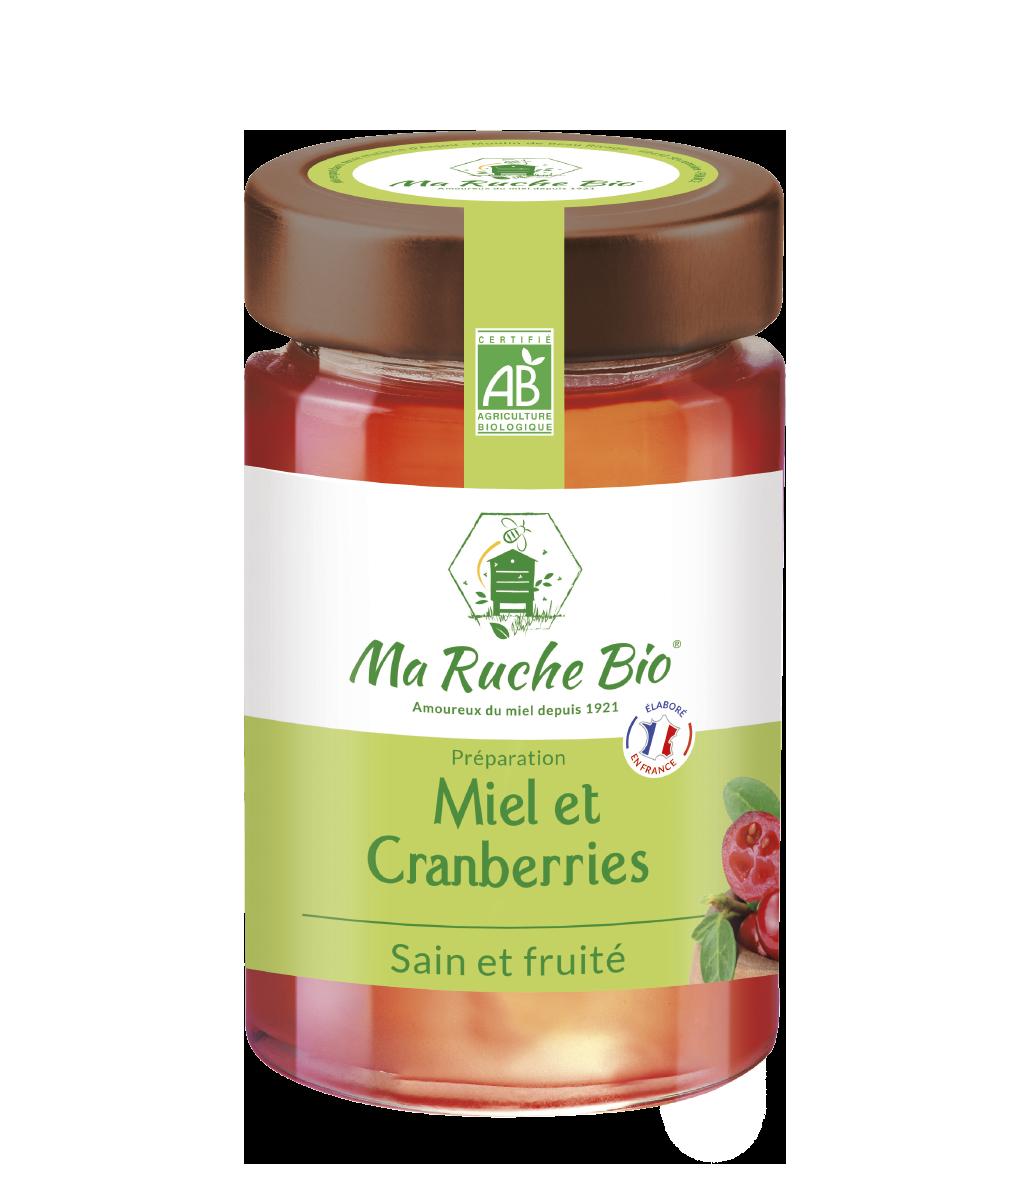 Miel et Cranberries Secrets de Ruche